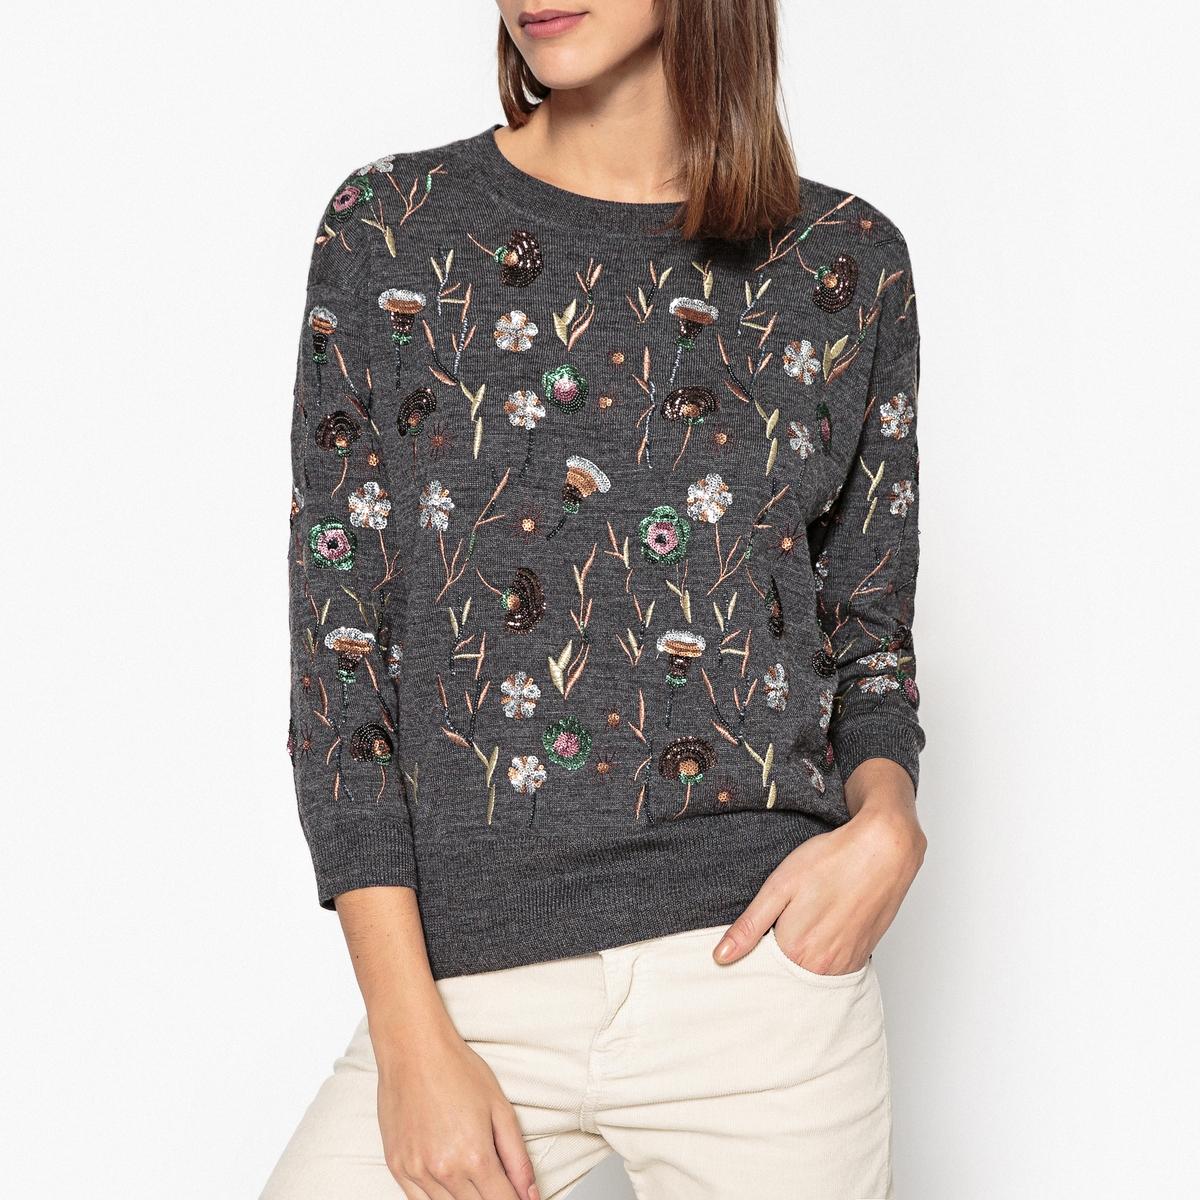 Пуловер с вышивкой и блесткамиОписание:Пуловер ESSENTIEL ANTWERP - модель GARDEN с вышитыми узорами и блестками .Детали •  Длинные рукава •  Круглый вырез •  Тонкий трикотаж  •  Цветочный рисунок  Состав и уход •  90% шерсти, 10% кашемира •  Подкладка : 8% эластана, 92% полиамида •  Следуйте советам по уходу, указанным на этикетке •   Отделка в рубчик<br><br>Цвет: серый